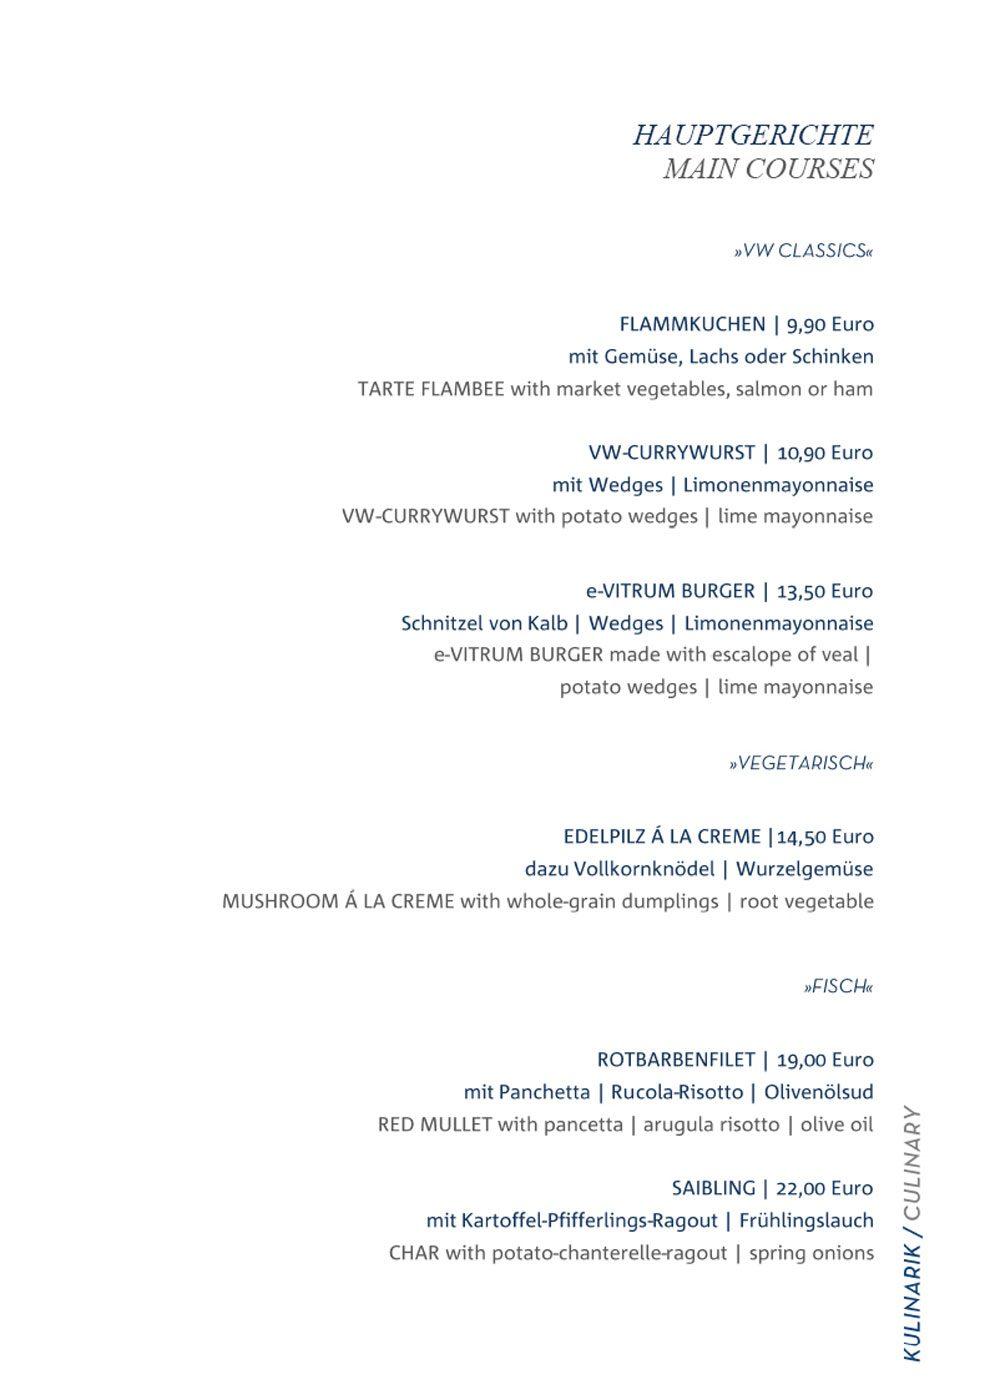 https://www.vitrum-dresden.de/wp-content/uploads/2019/06/e-VITRUM_Speisekarte_Sommer3-990x1400.jpg